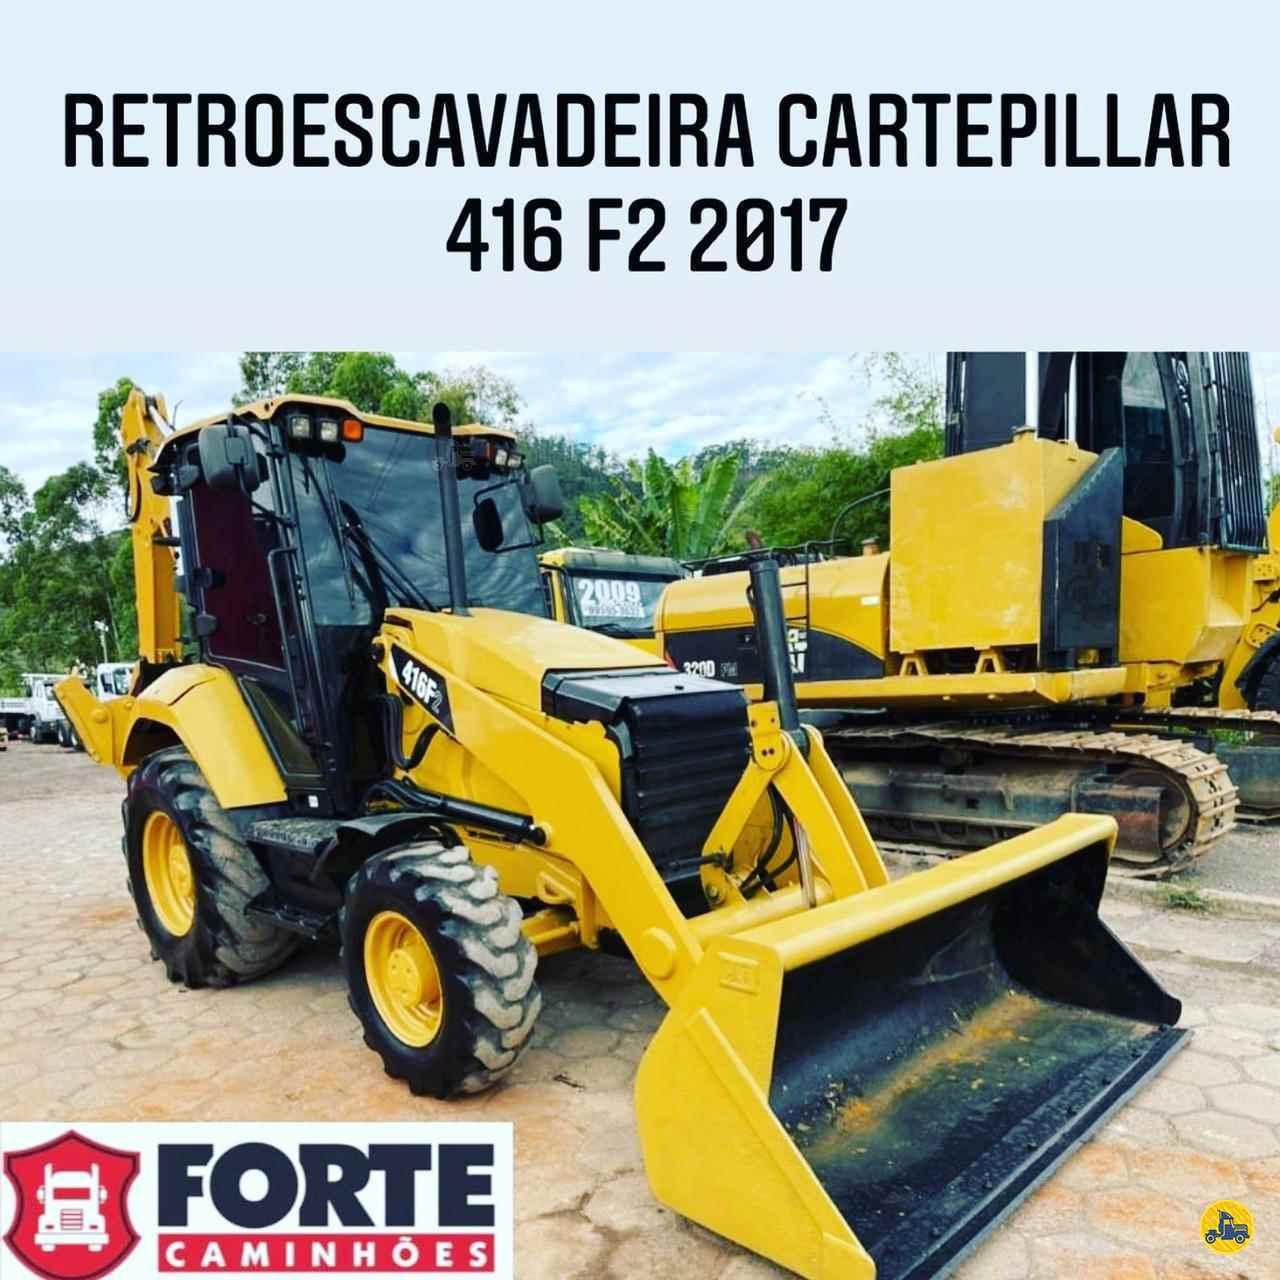 RETRO ESCAVADEIRA CATERPILLAR 416 Tração 4x4 Forte Caminhões MG JOAO MONLEVADE MINAS GERAIS MG